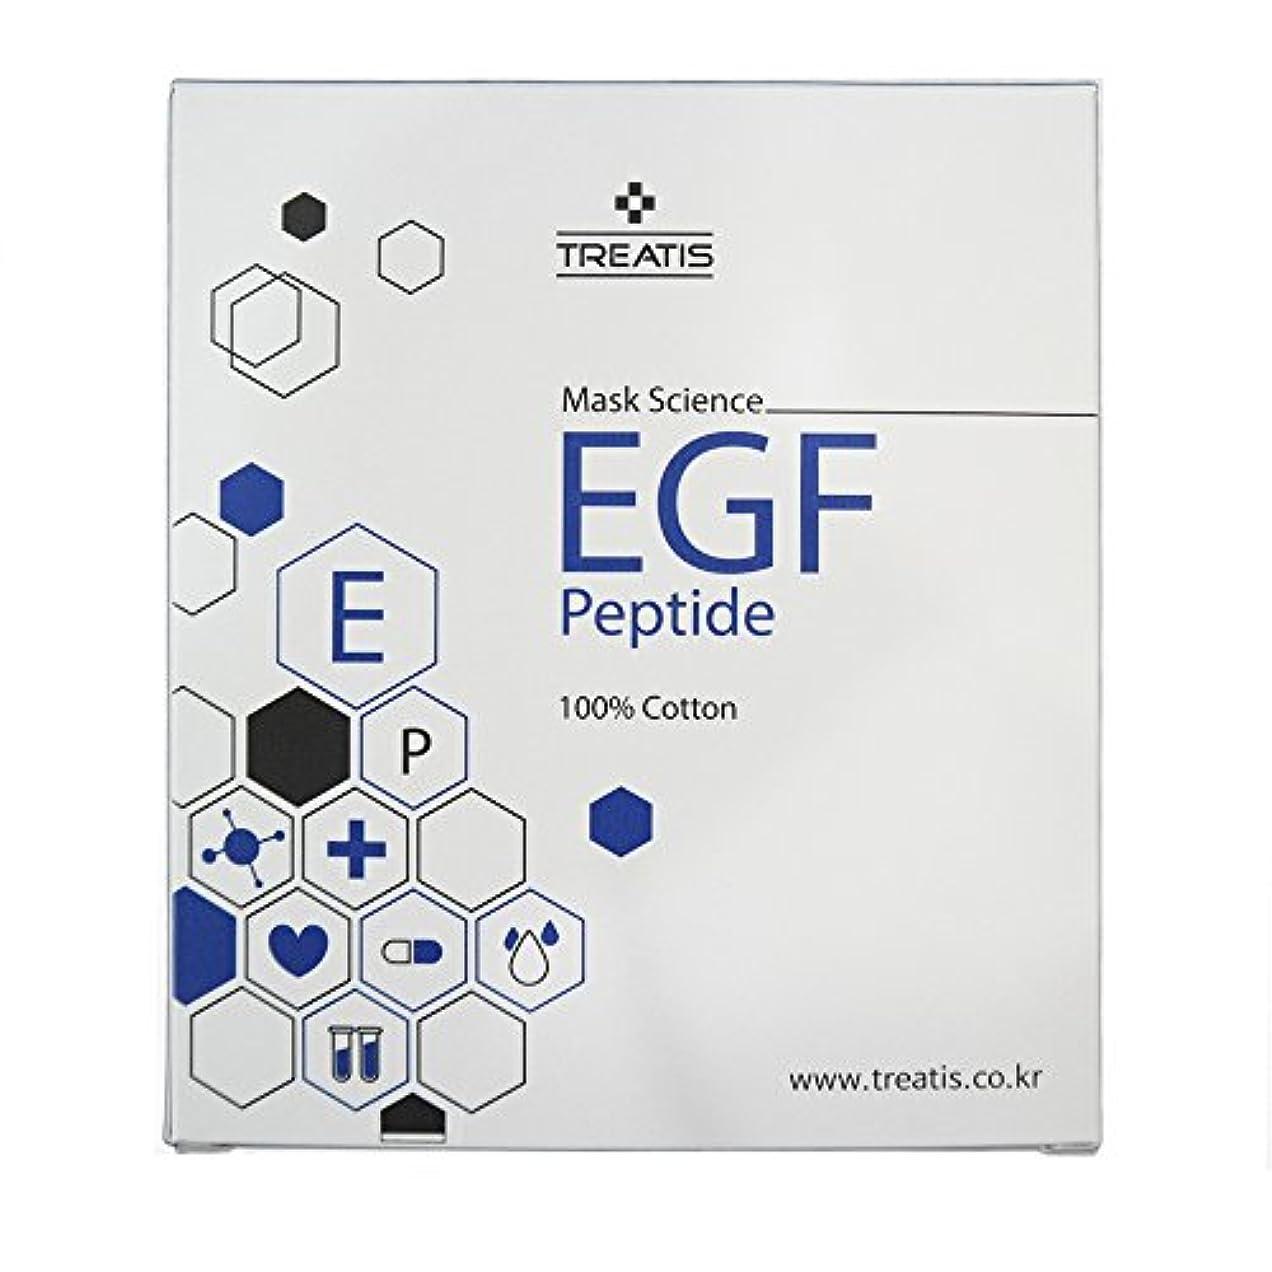 ♥贈呈品あり♥TREATIS EGF PEPTIDE MASK PACK (10 Sheet) [並行輸入品]